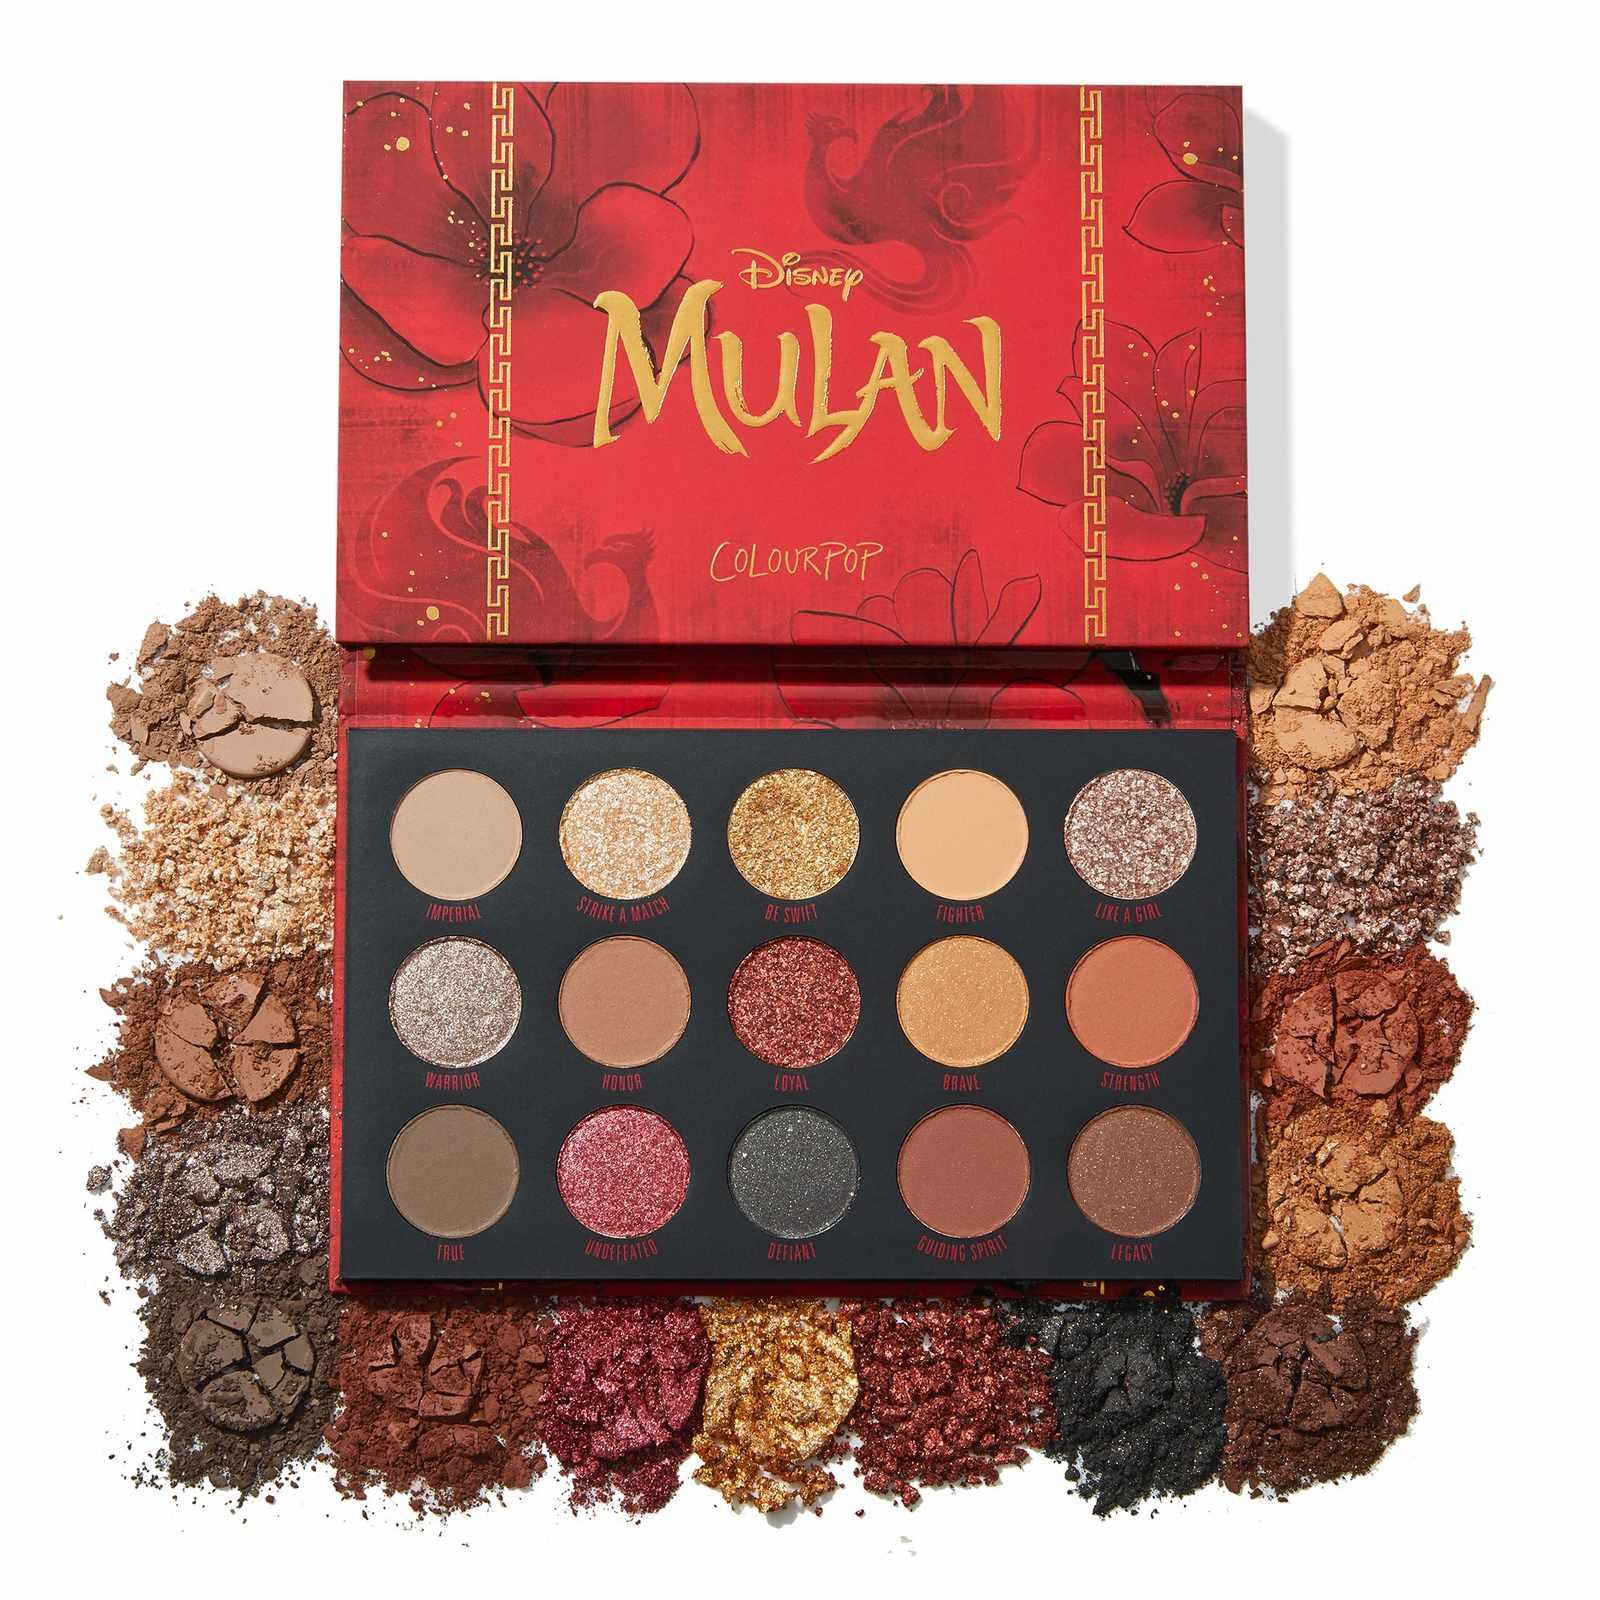 Paleta Mulan Disney Collection COLOURPOP